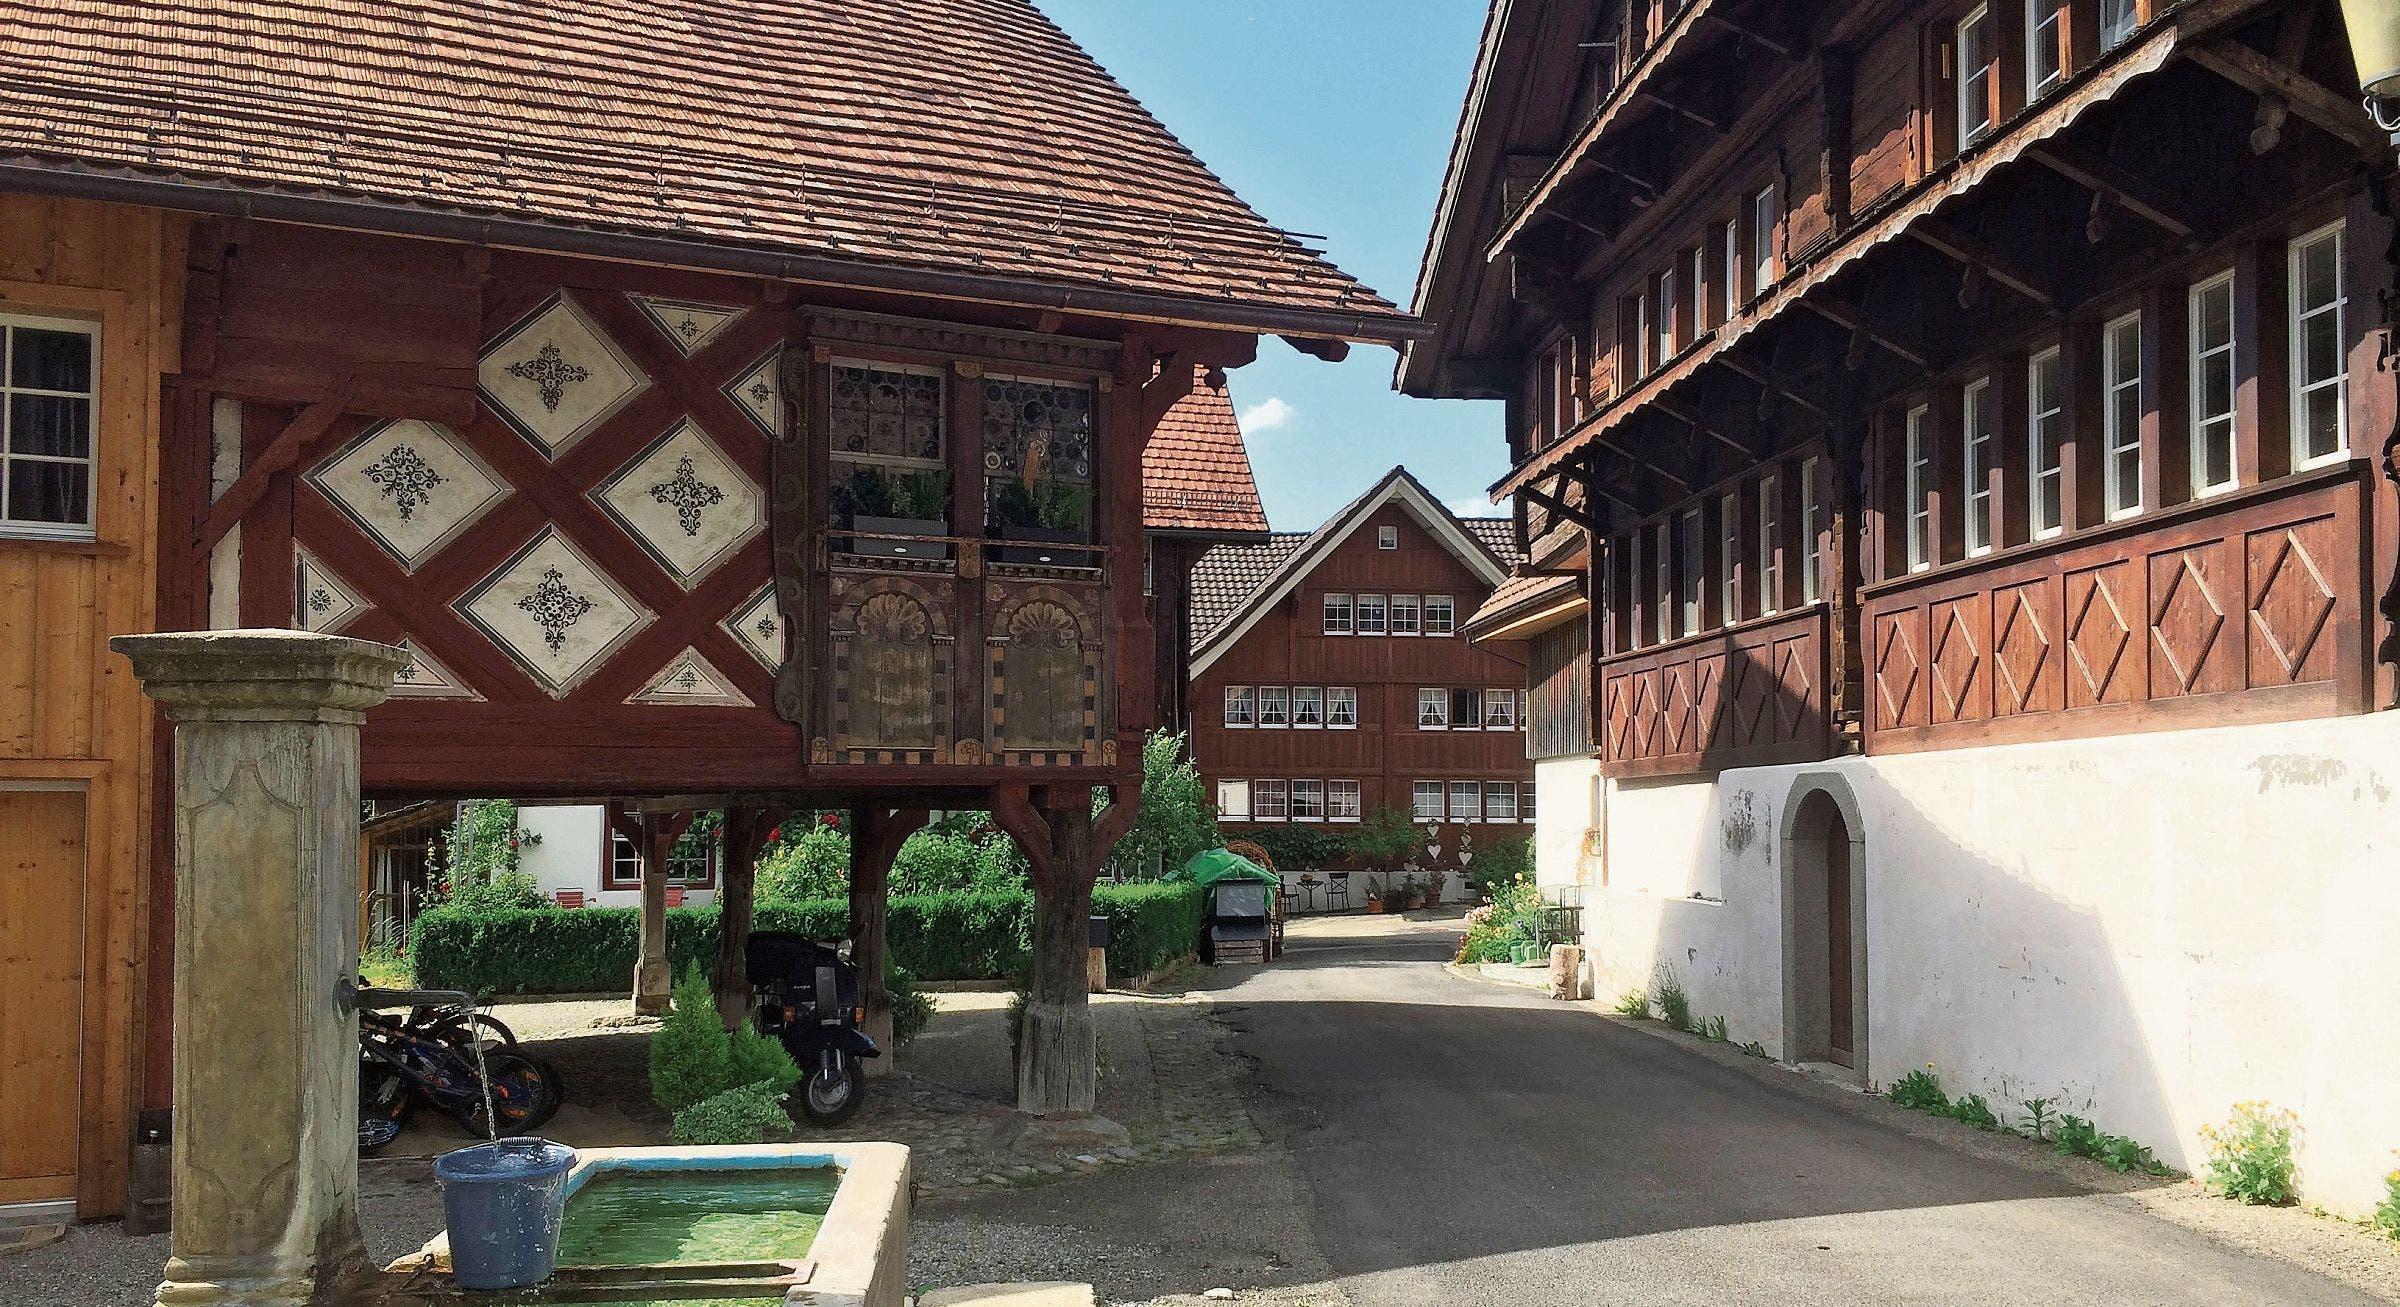 Der Weiler Burgau bei Flawil hat eine mehr als 1000-jährige Geschichte. (Bild: PD)